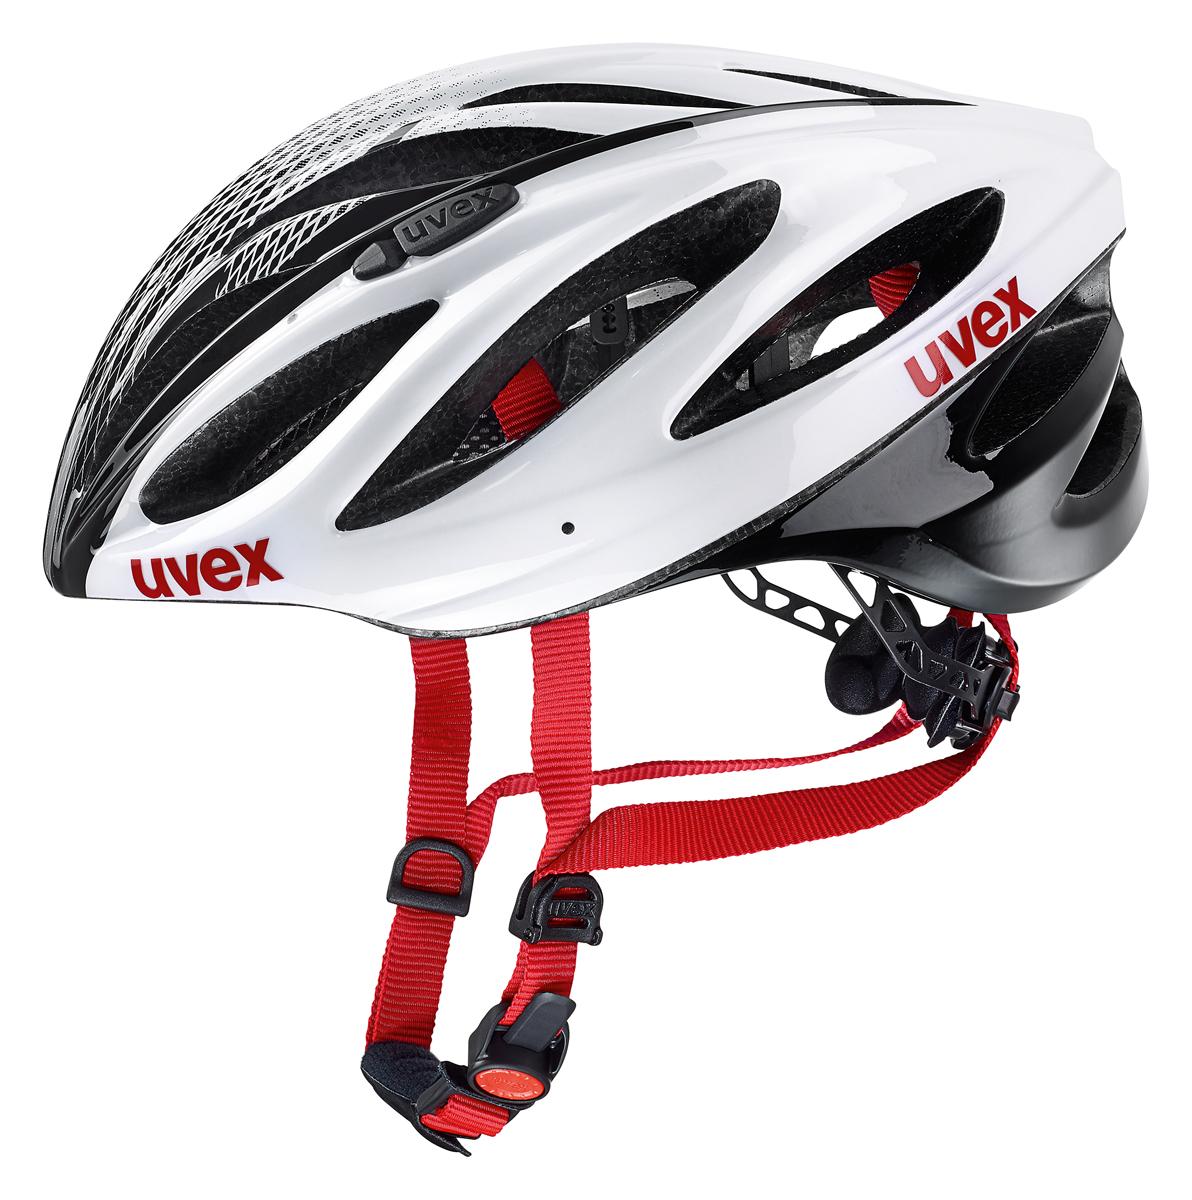 Uvex Boss Race Rennrad Fahrrad Helm weiß/schwarz/rot 2019 | von Top ...